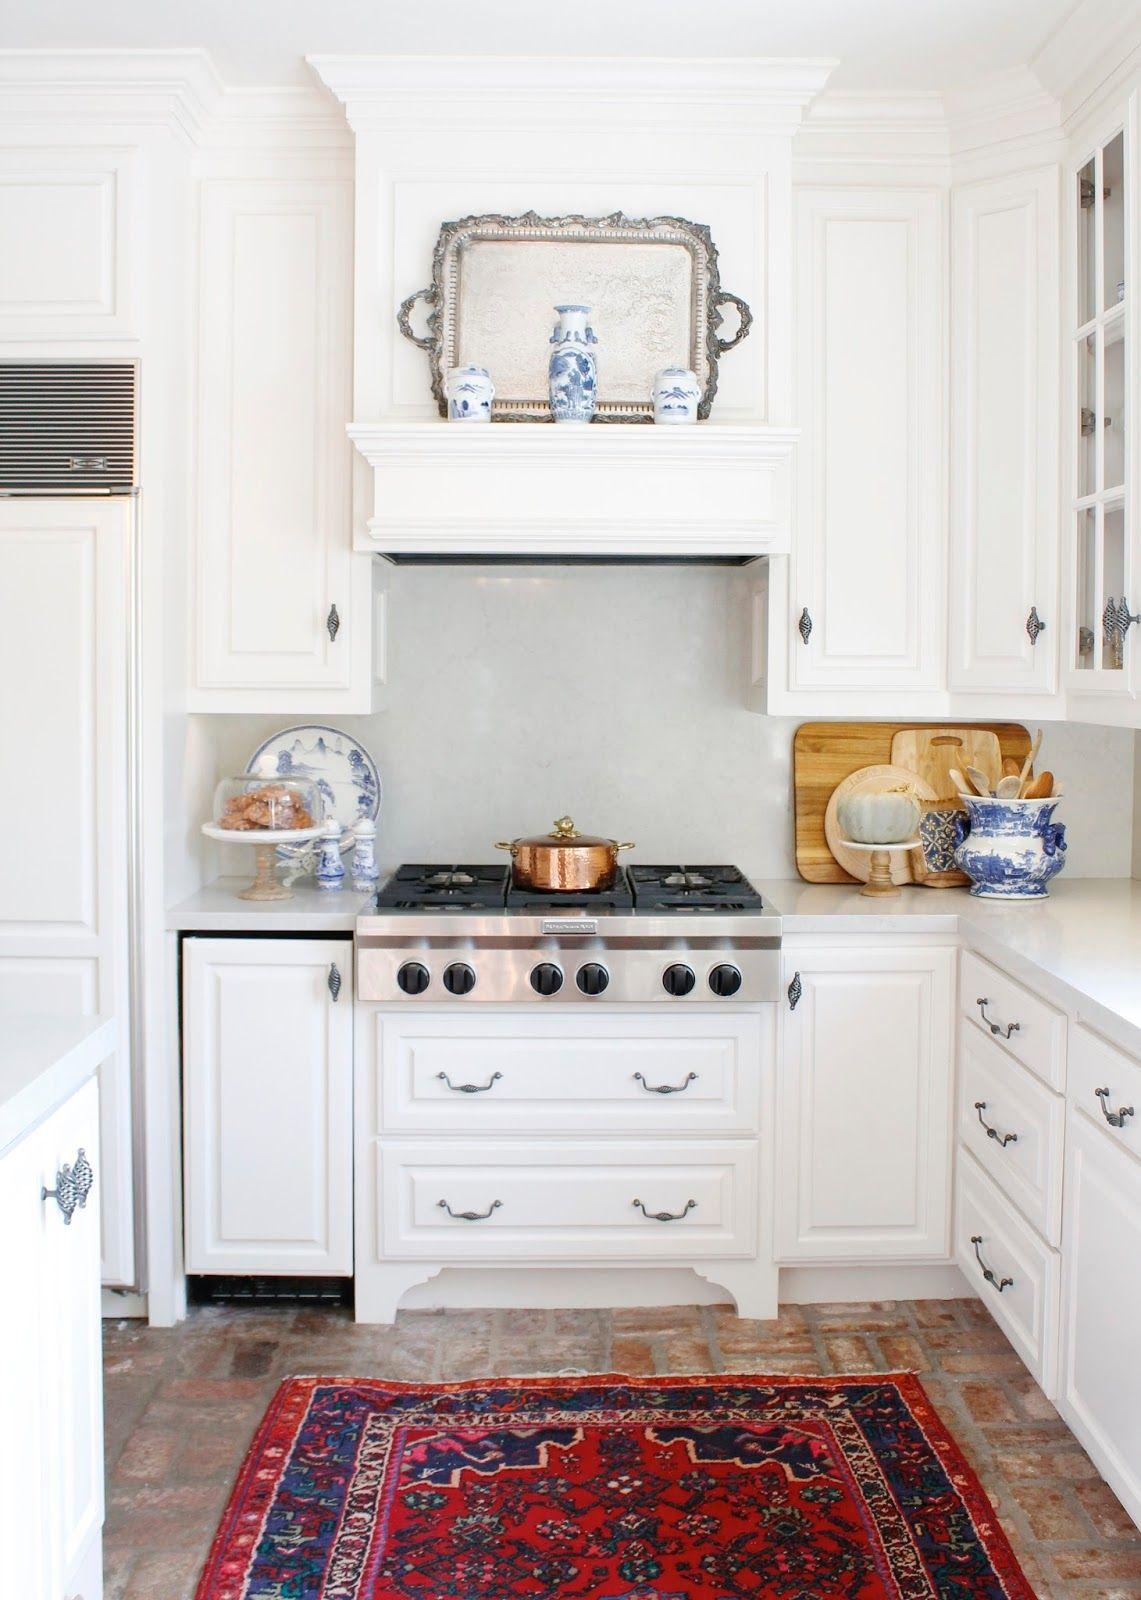 Pin de Lindsey Fleming en Hopeful Home | Pinterest | Cocinas, Futura ...